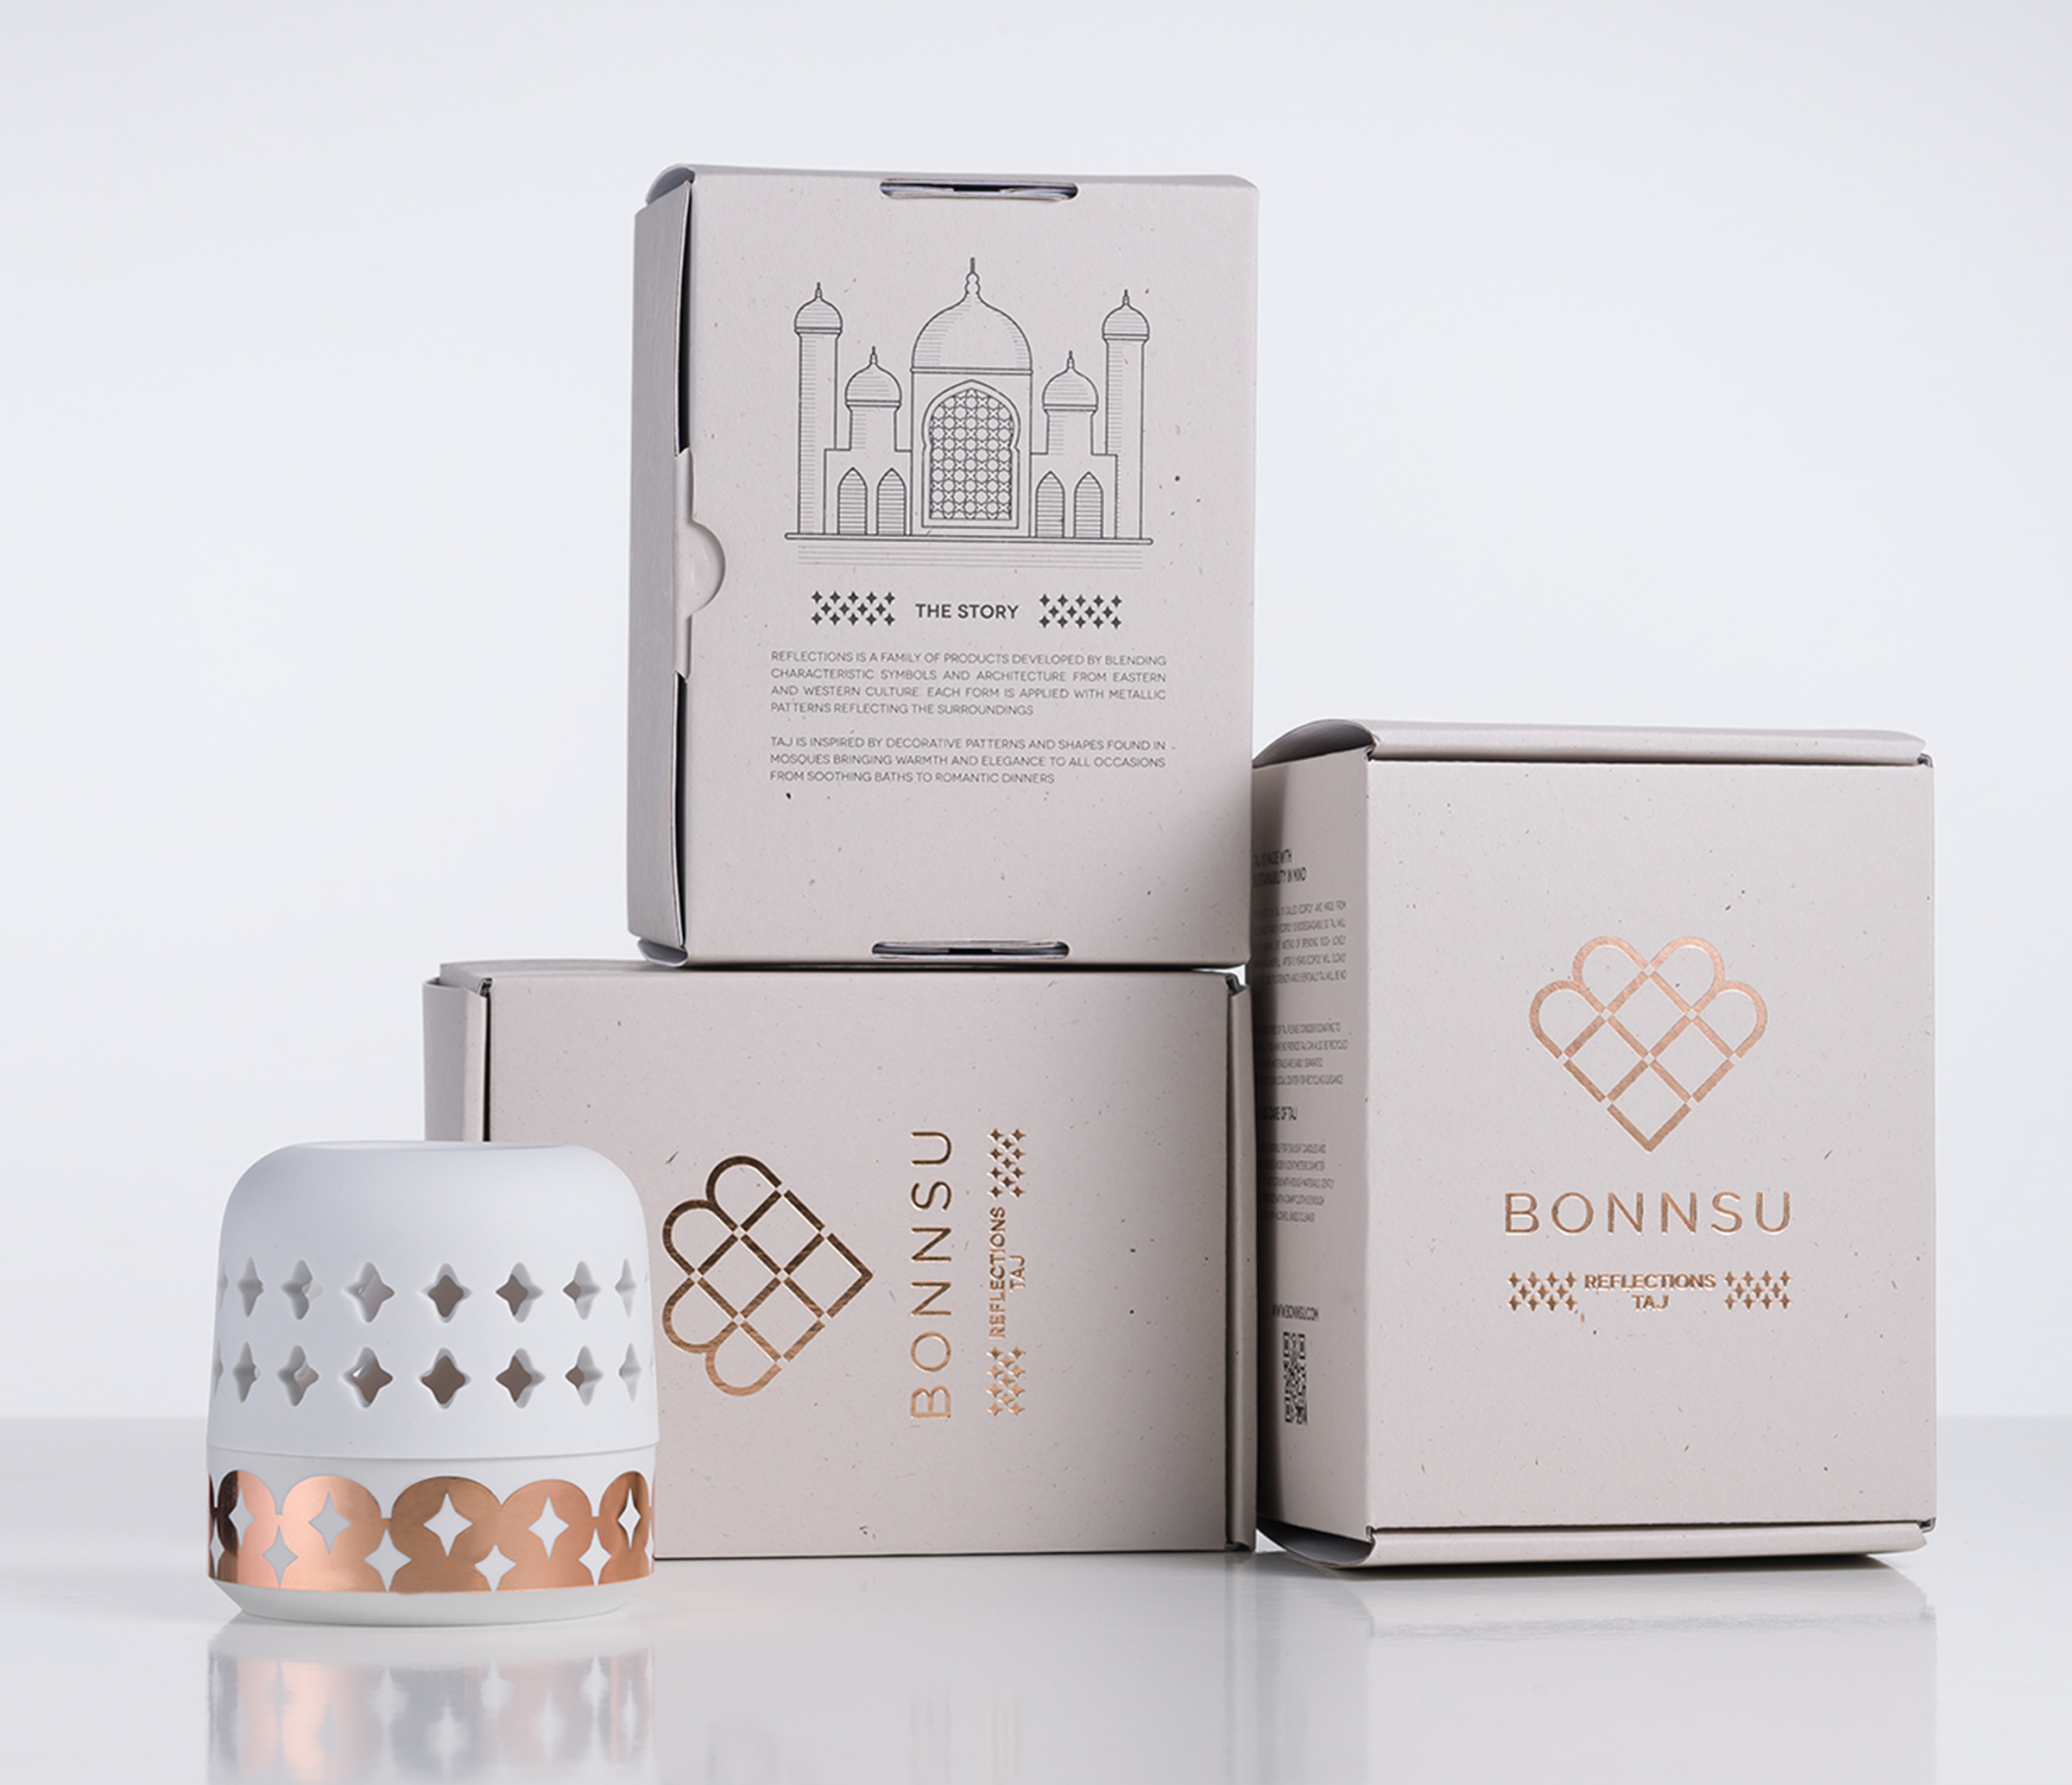 美國 BONNSU|經典居家系列 倒映骨瓷燭台(單一款式)